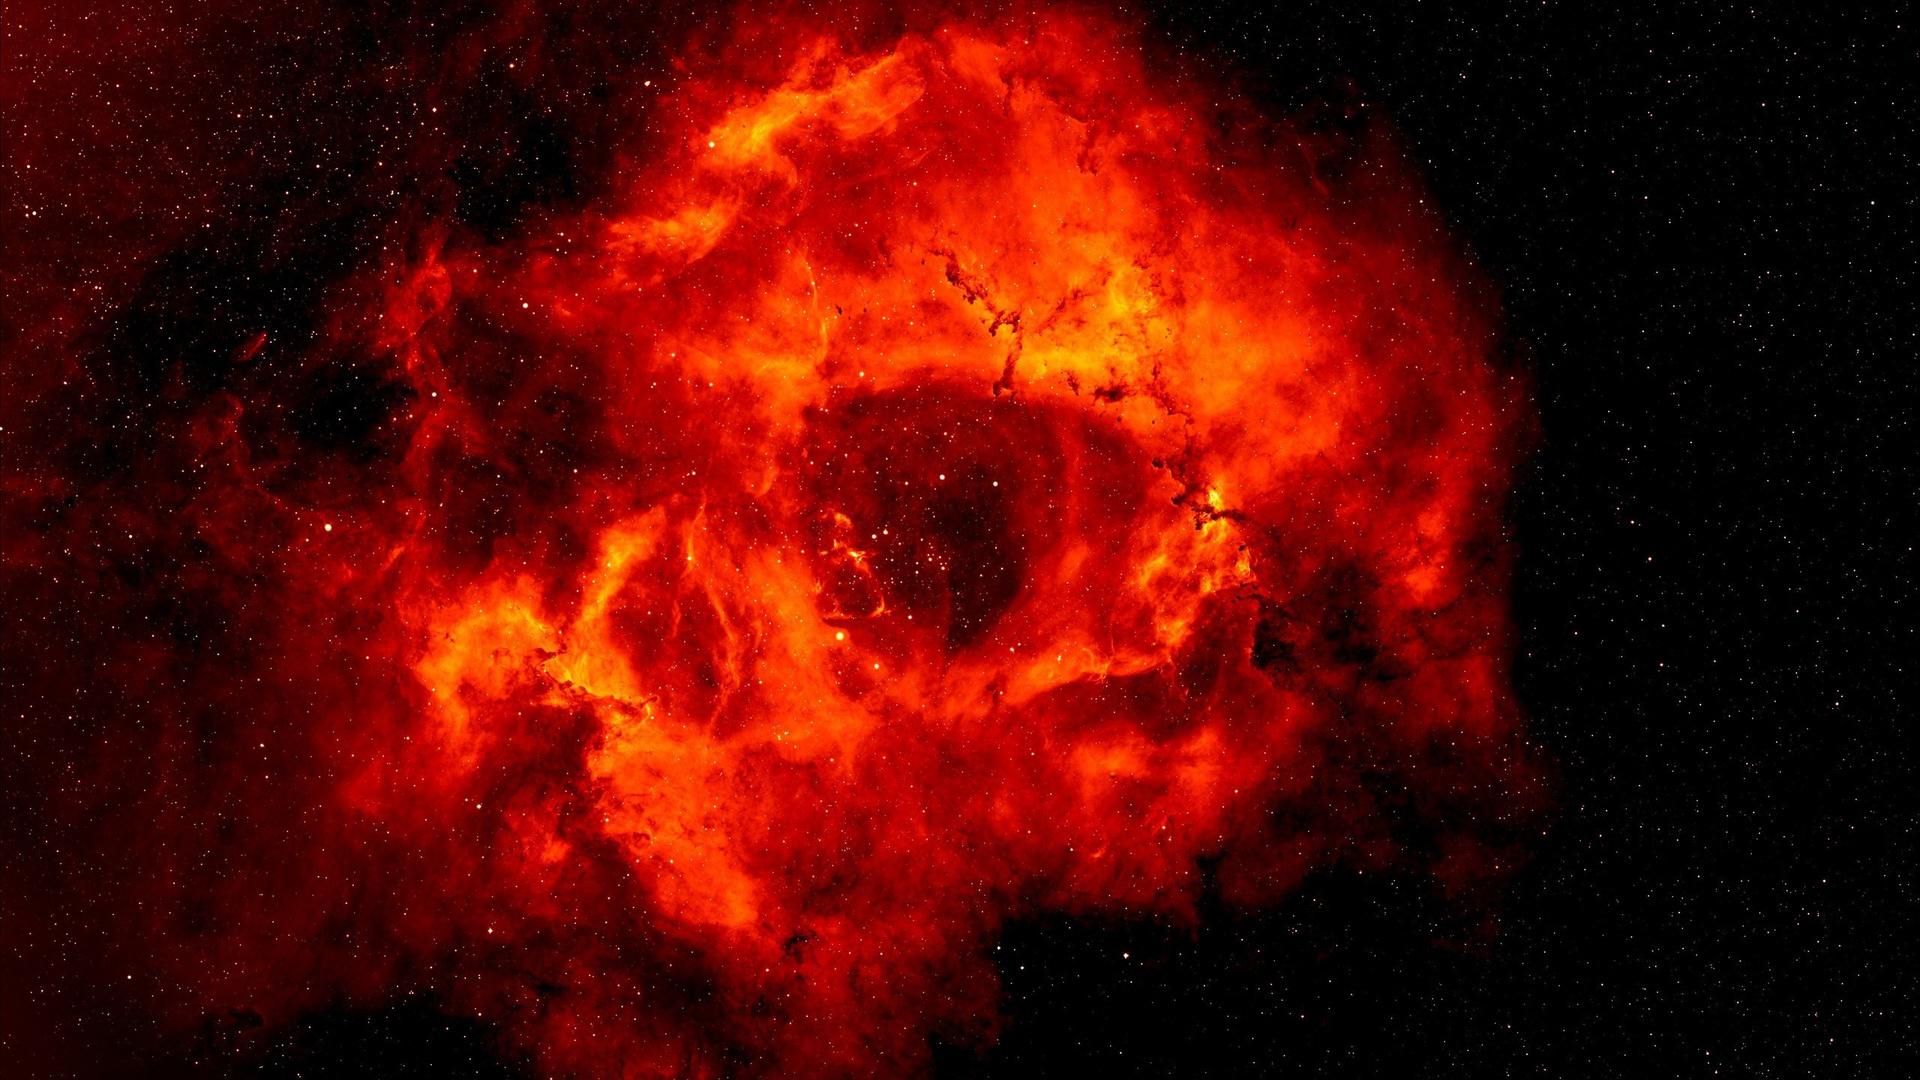 http://www.nastol.com.ua/pic/201105/1920x1080/nastol.com.ua-933.jpg